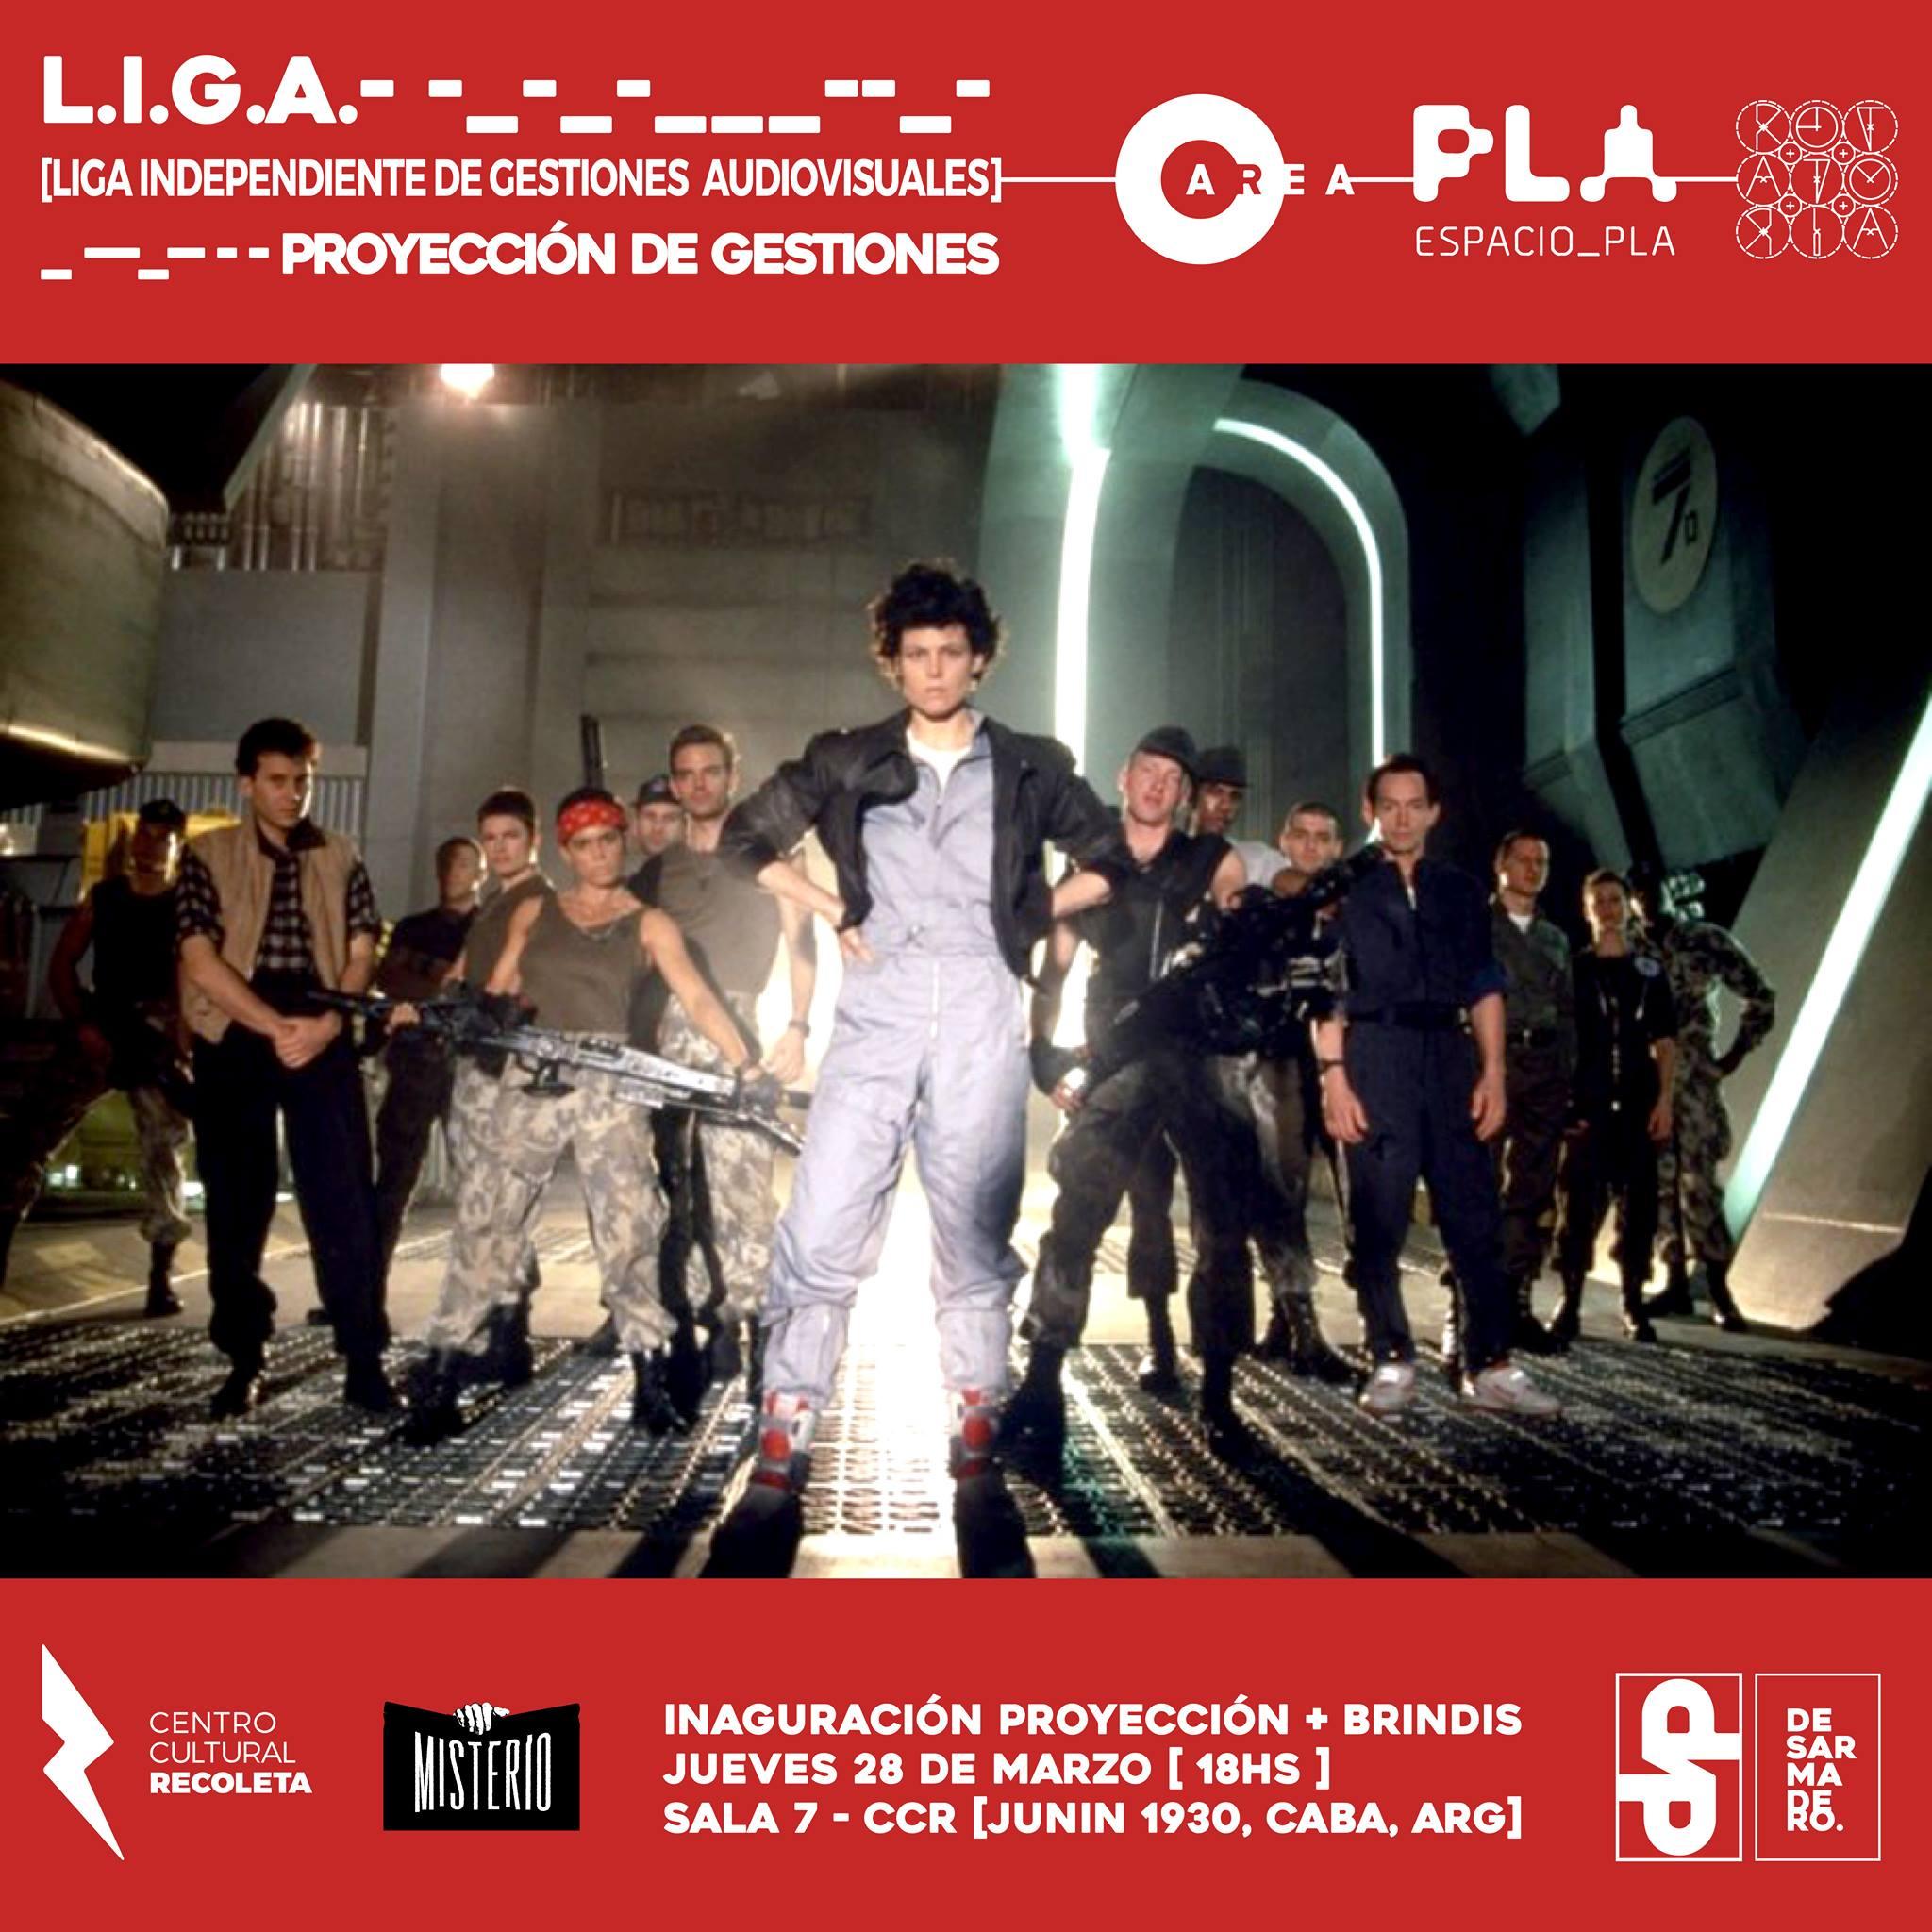 Participación en L.I.G.A. en Espacio PLA (Marzo 2019)